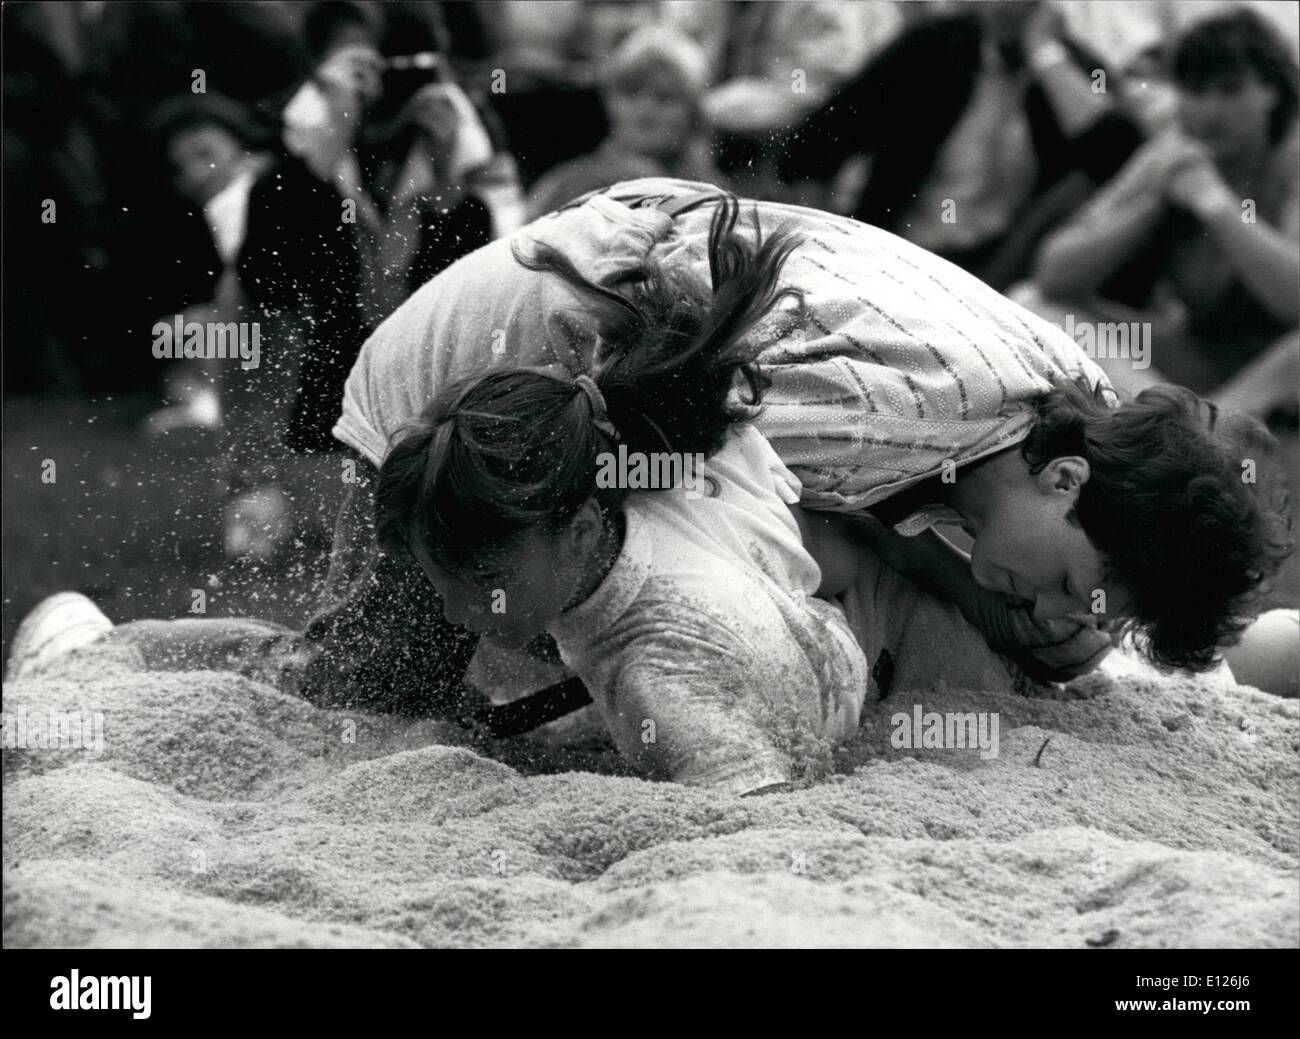 Abril 04, 1990 - Mujer de lucha estilo suizo: Ruth Ganath (con cola de caballo) y Netty Kalin aquí participar en un combate de lucha libre de estilo suizo en una competencia en Oberageri femeninas, el 30 de septiembre. Wrestling tradicionalmente es un deporte sólo para hombres. Imagen De Stock